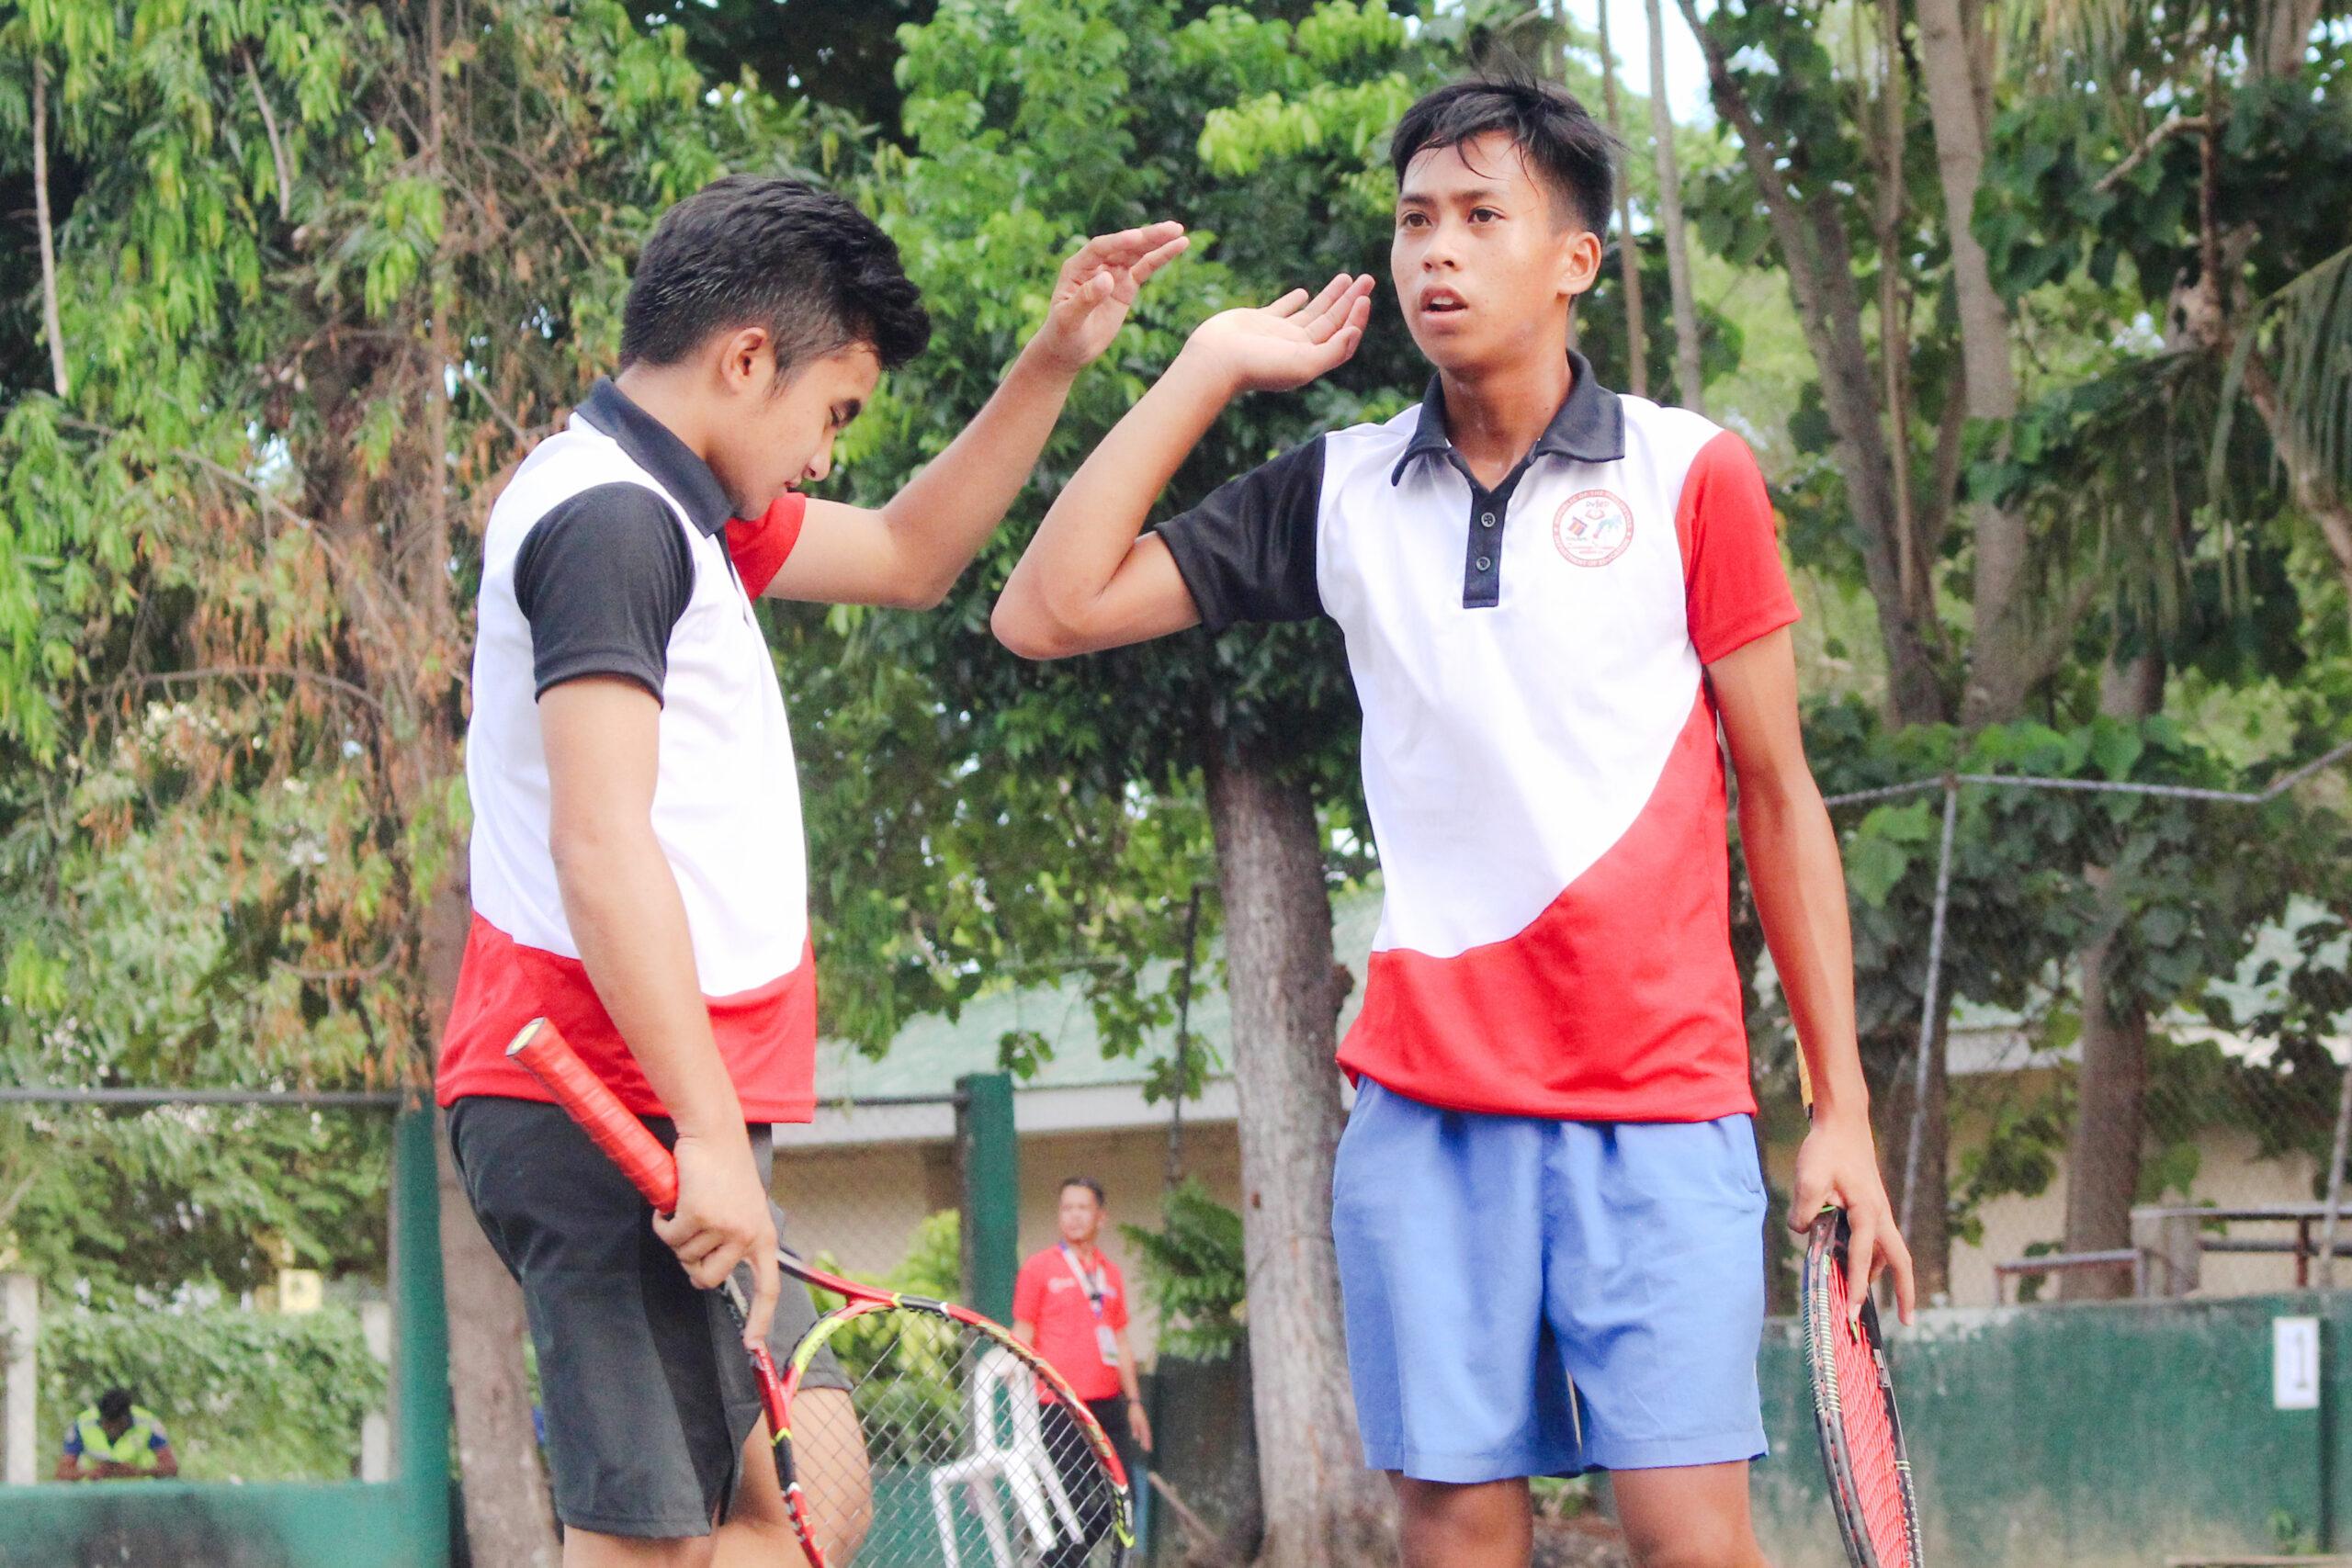 Zamboanga Sharks Sinakmal Ang Calabarzon Heroes, 20 throughout Kontra Pelo Ng Manok Panabong